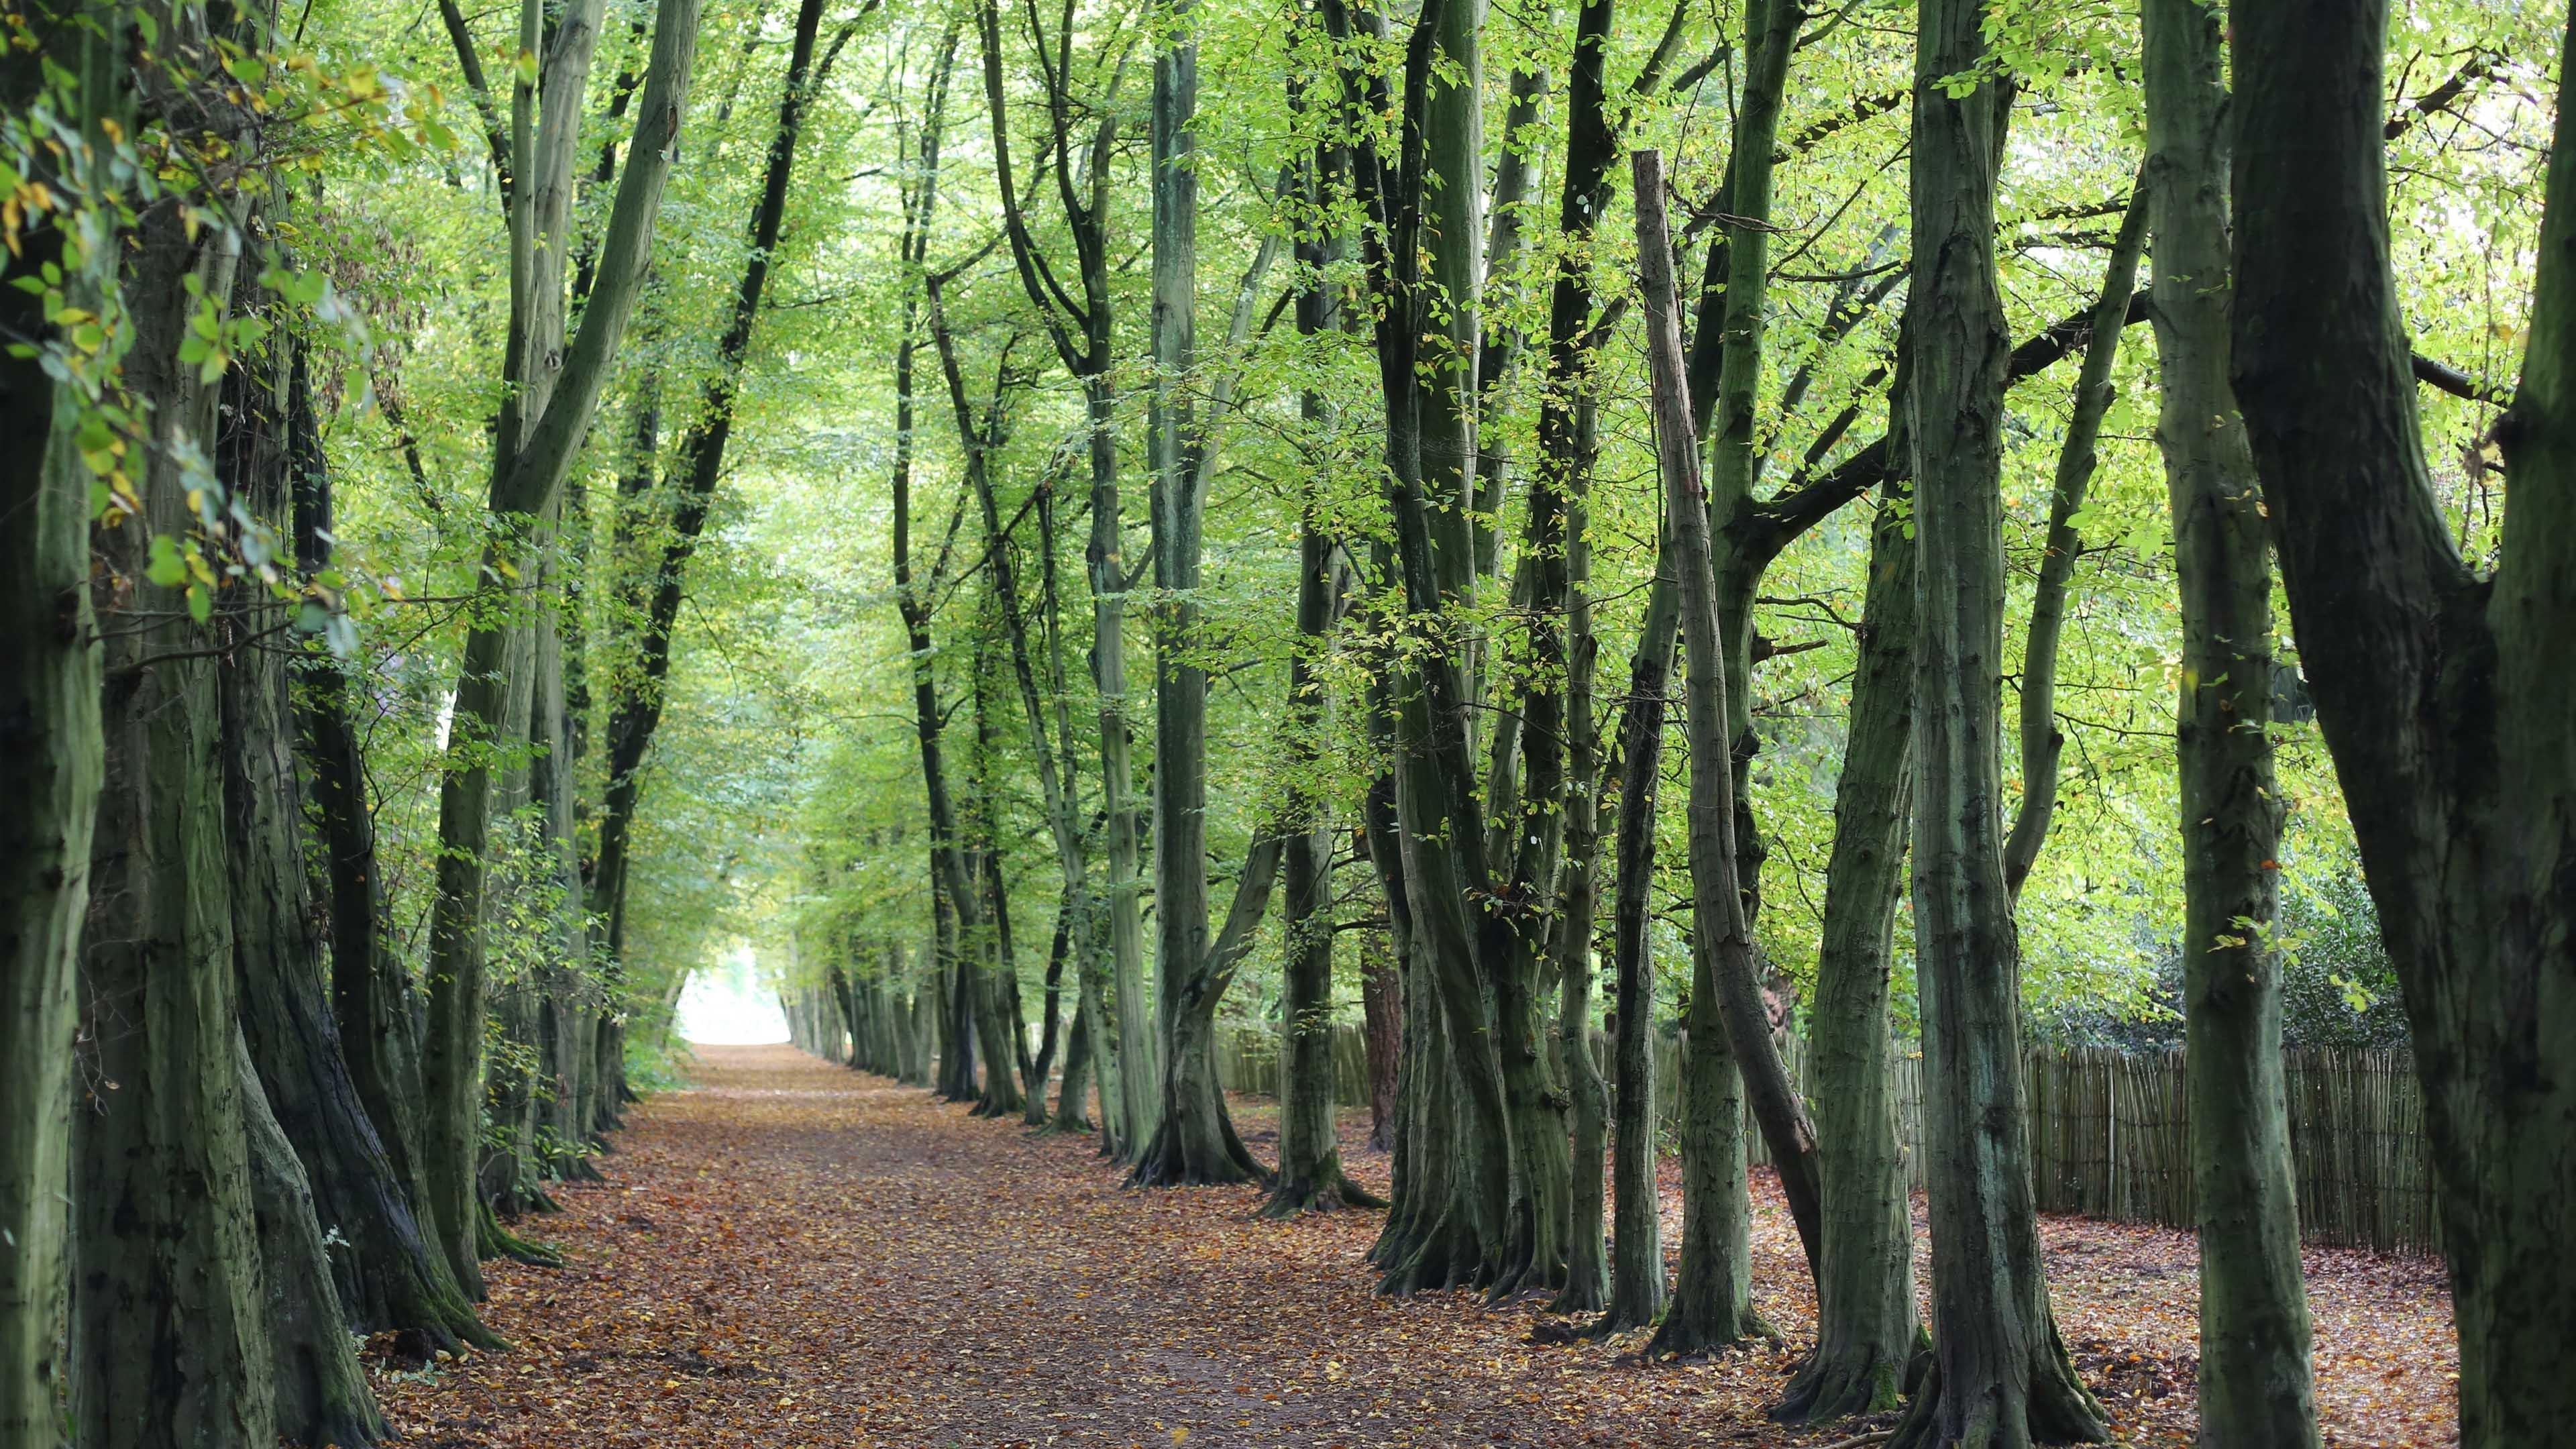 4K专区,春意盎然,树林,树荫,笔直的路